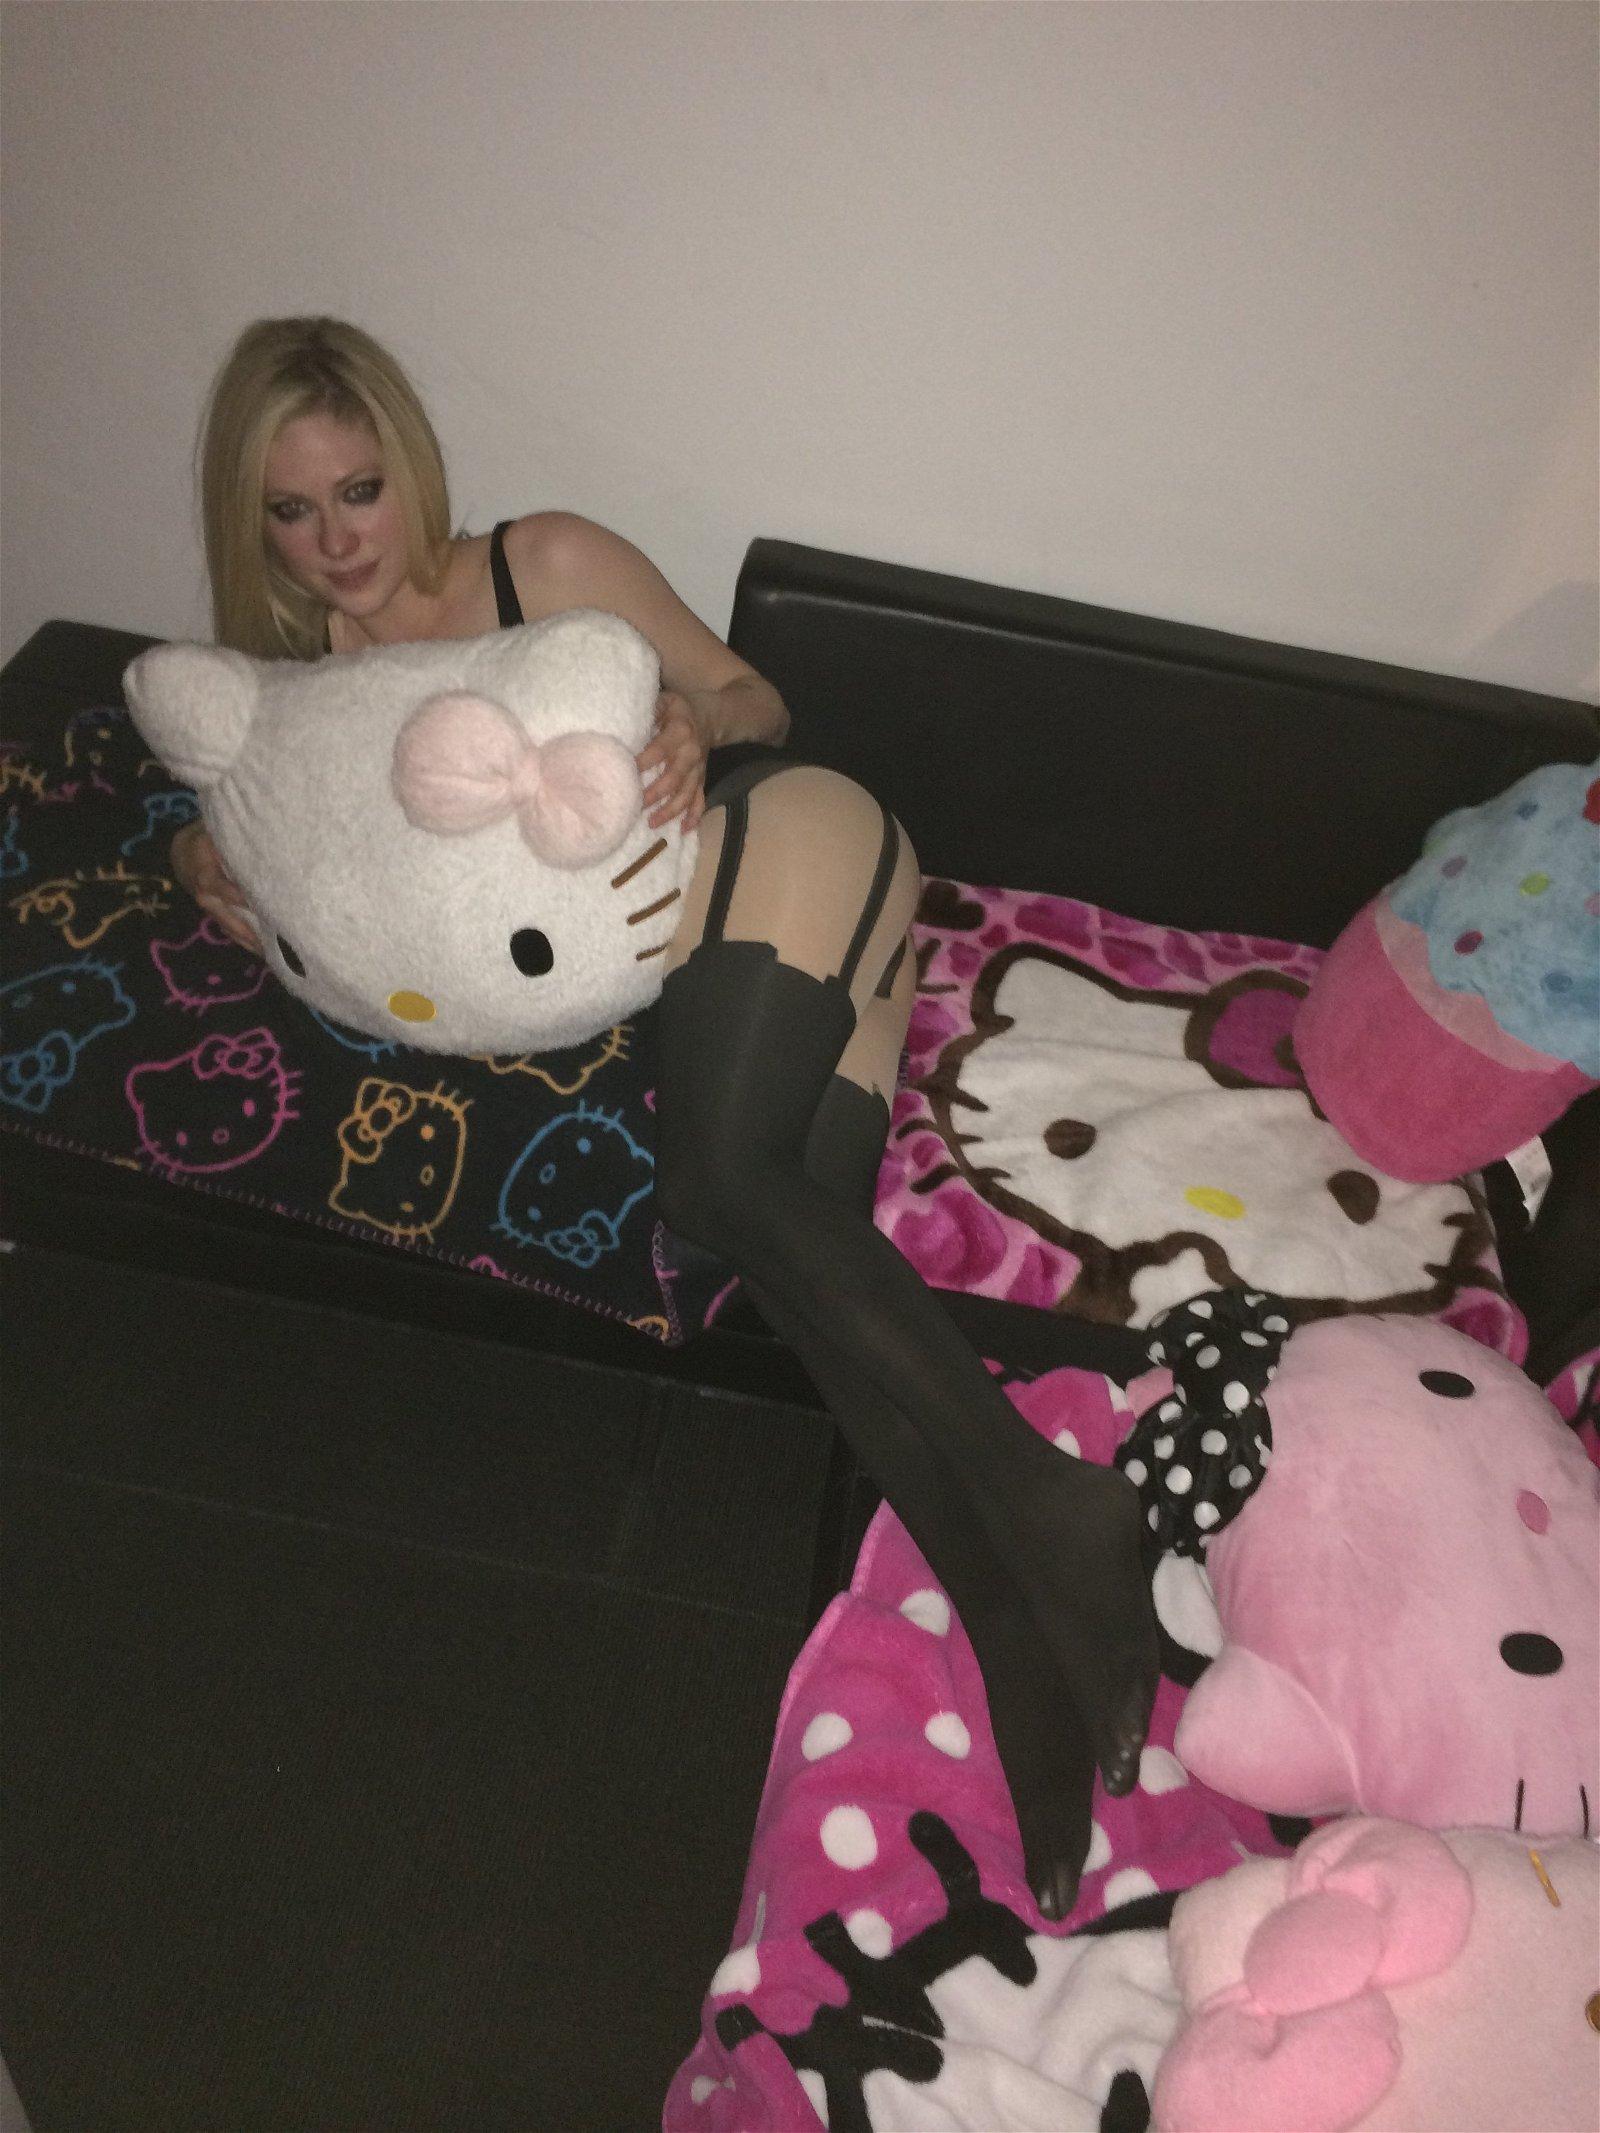 Avril Lavigne sexy nude picture